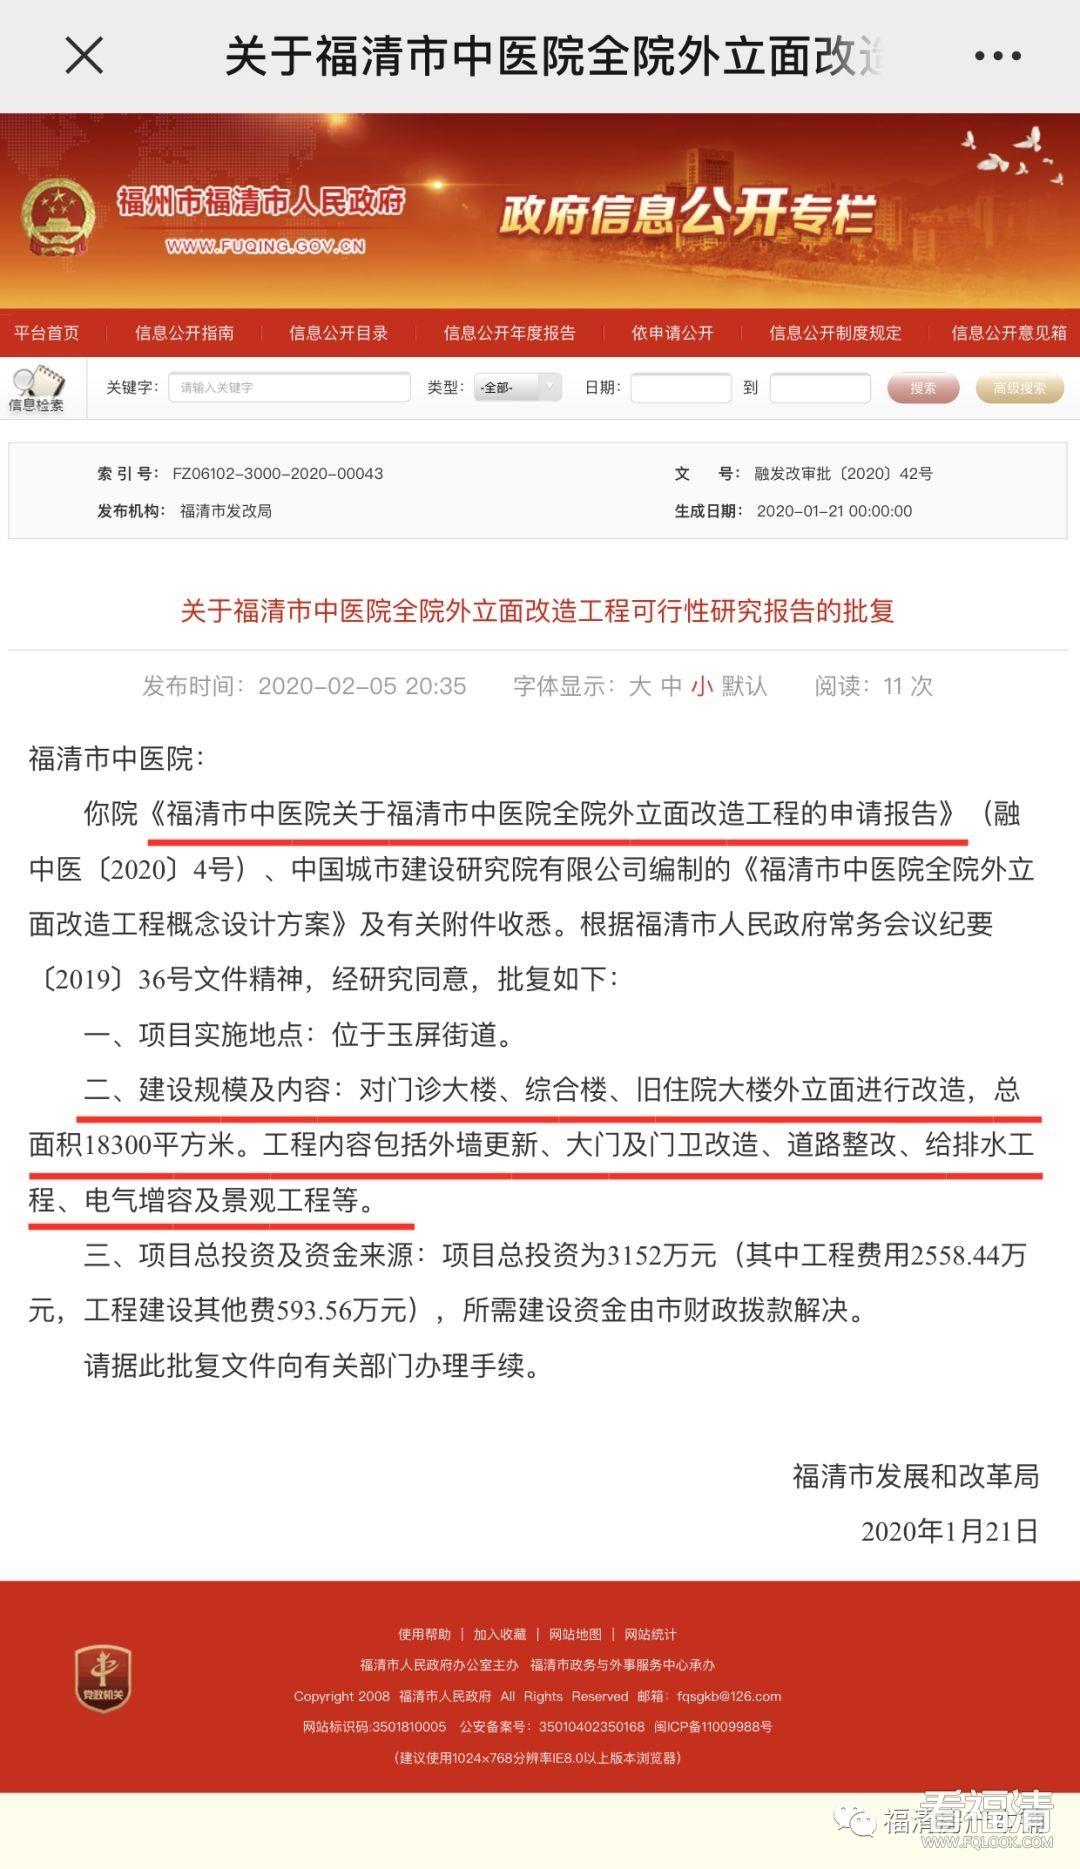 快讯,福清中医院外立面改造工程可行性研究获批